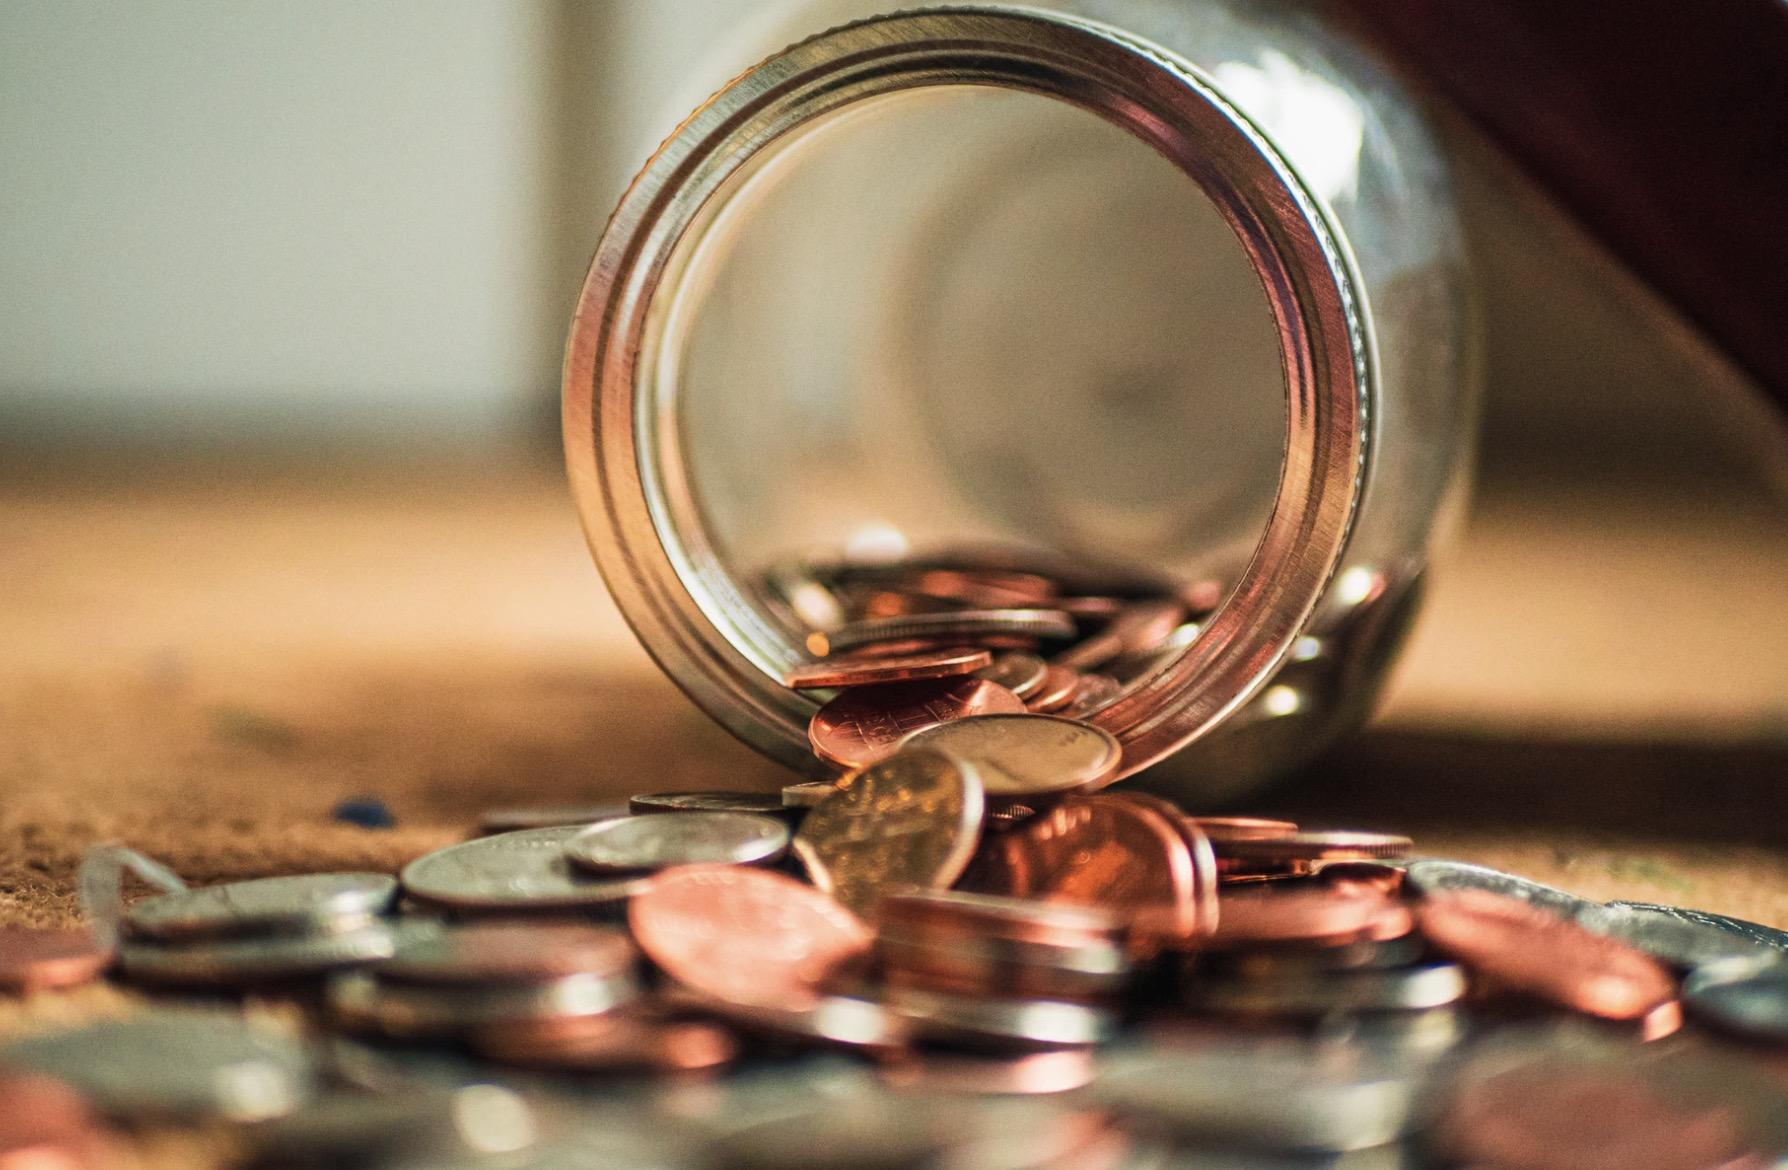 【ミニマリストの節約術】一人暮らしでも貯金できる5つのステップ!